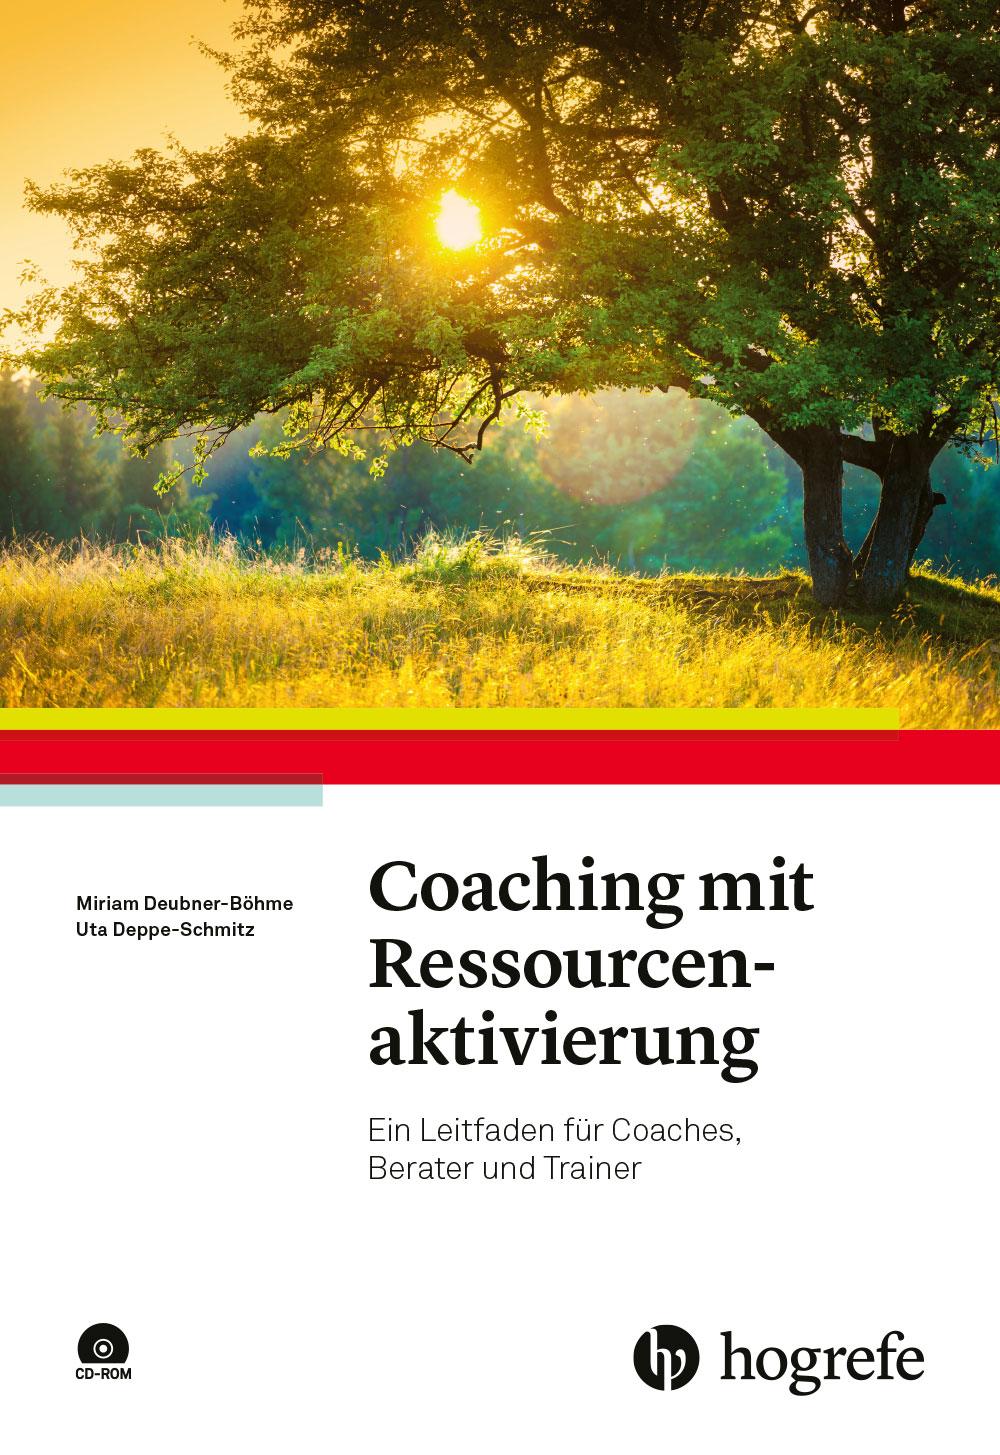 Coaching mit Ressourcenaktivierung